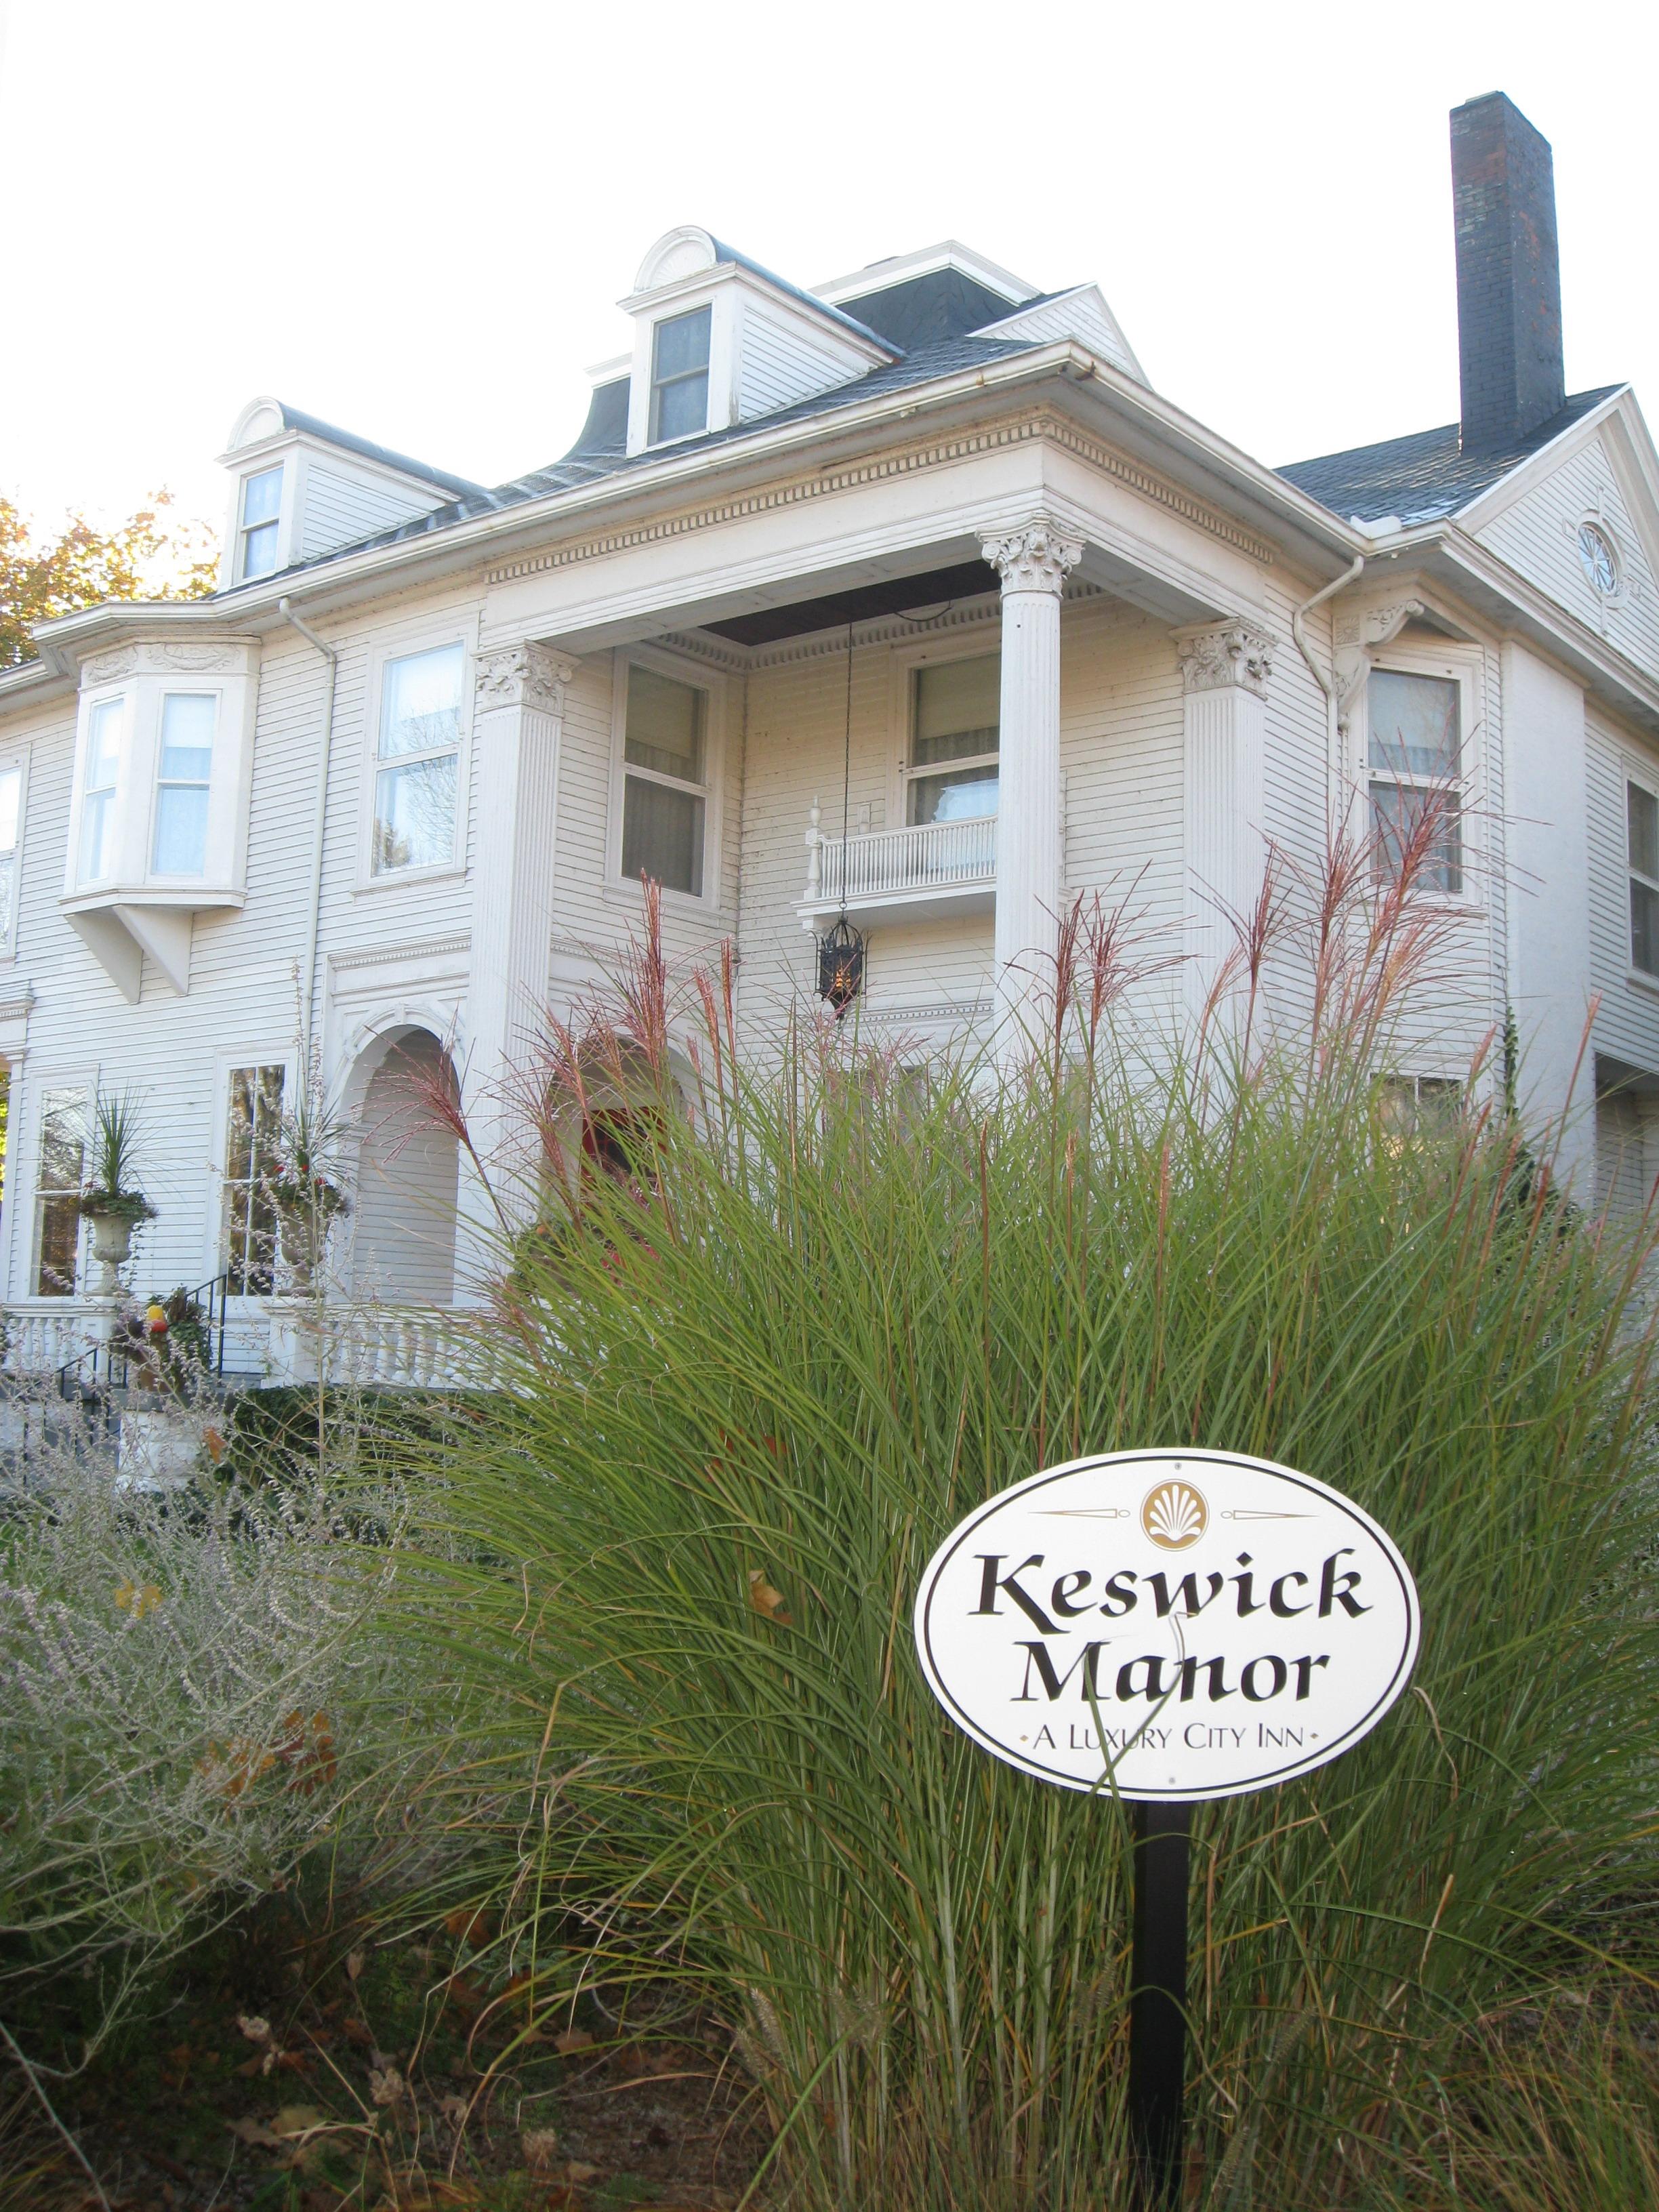 Chesny's Keswick Manor